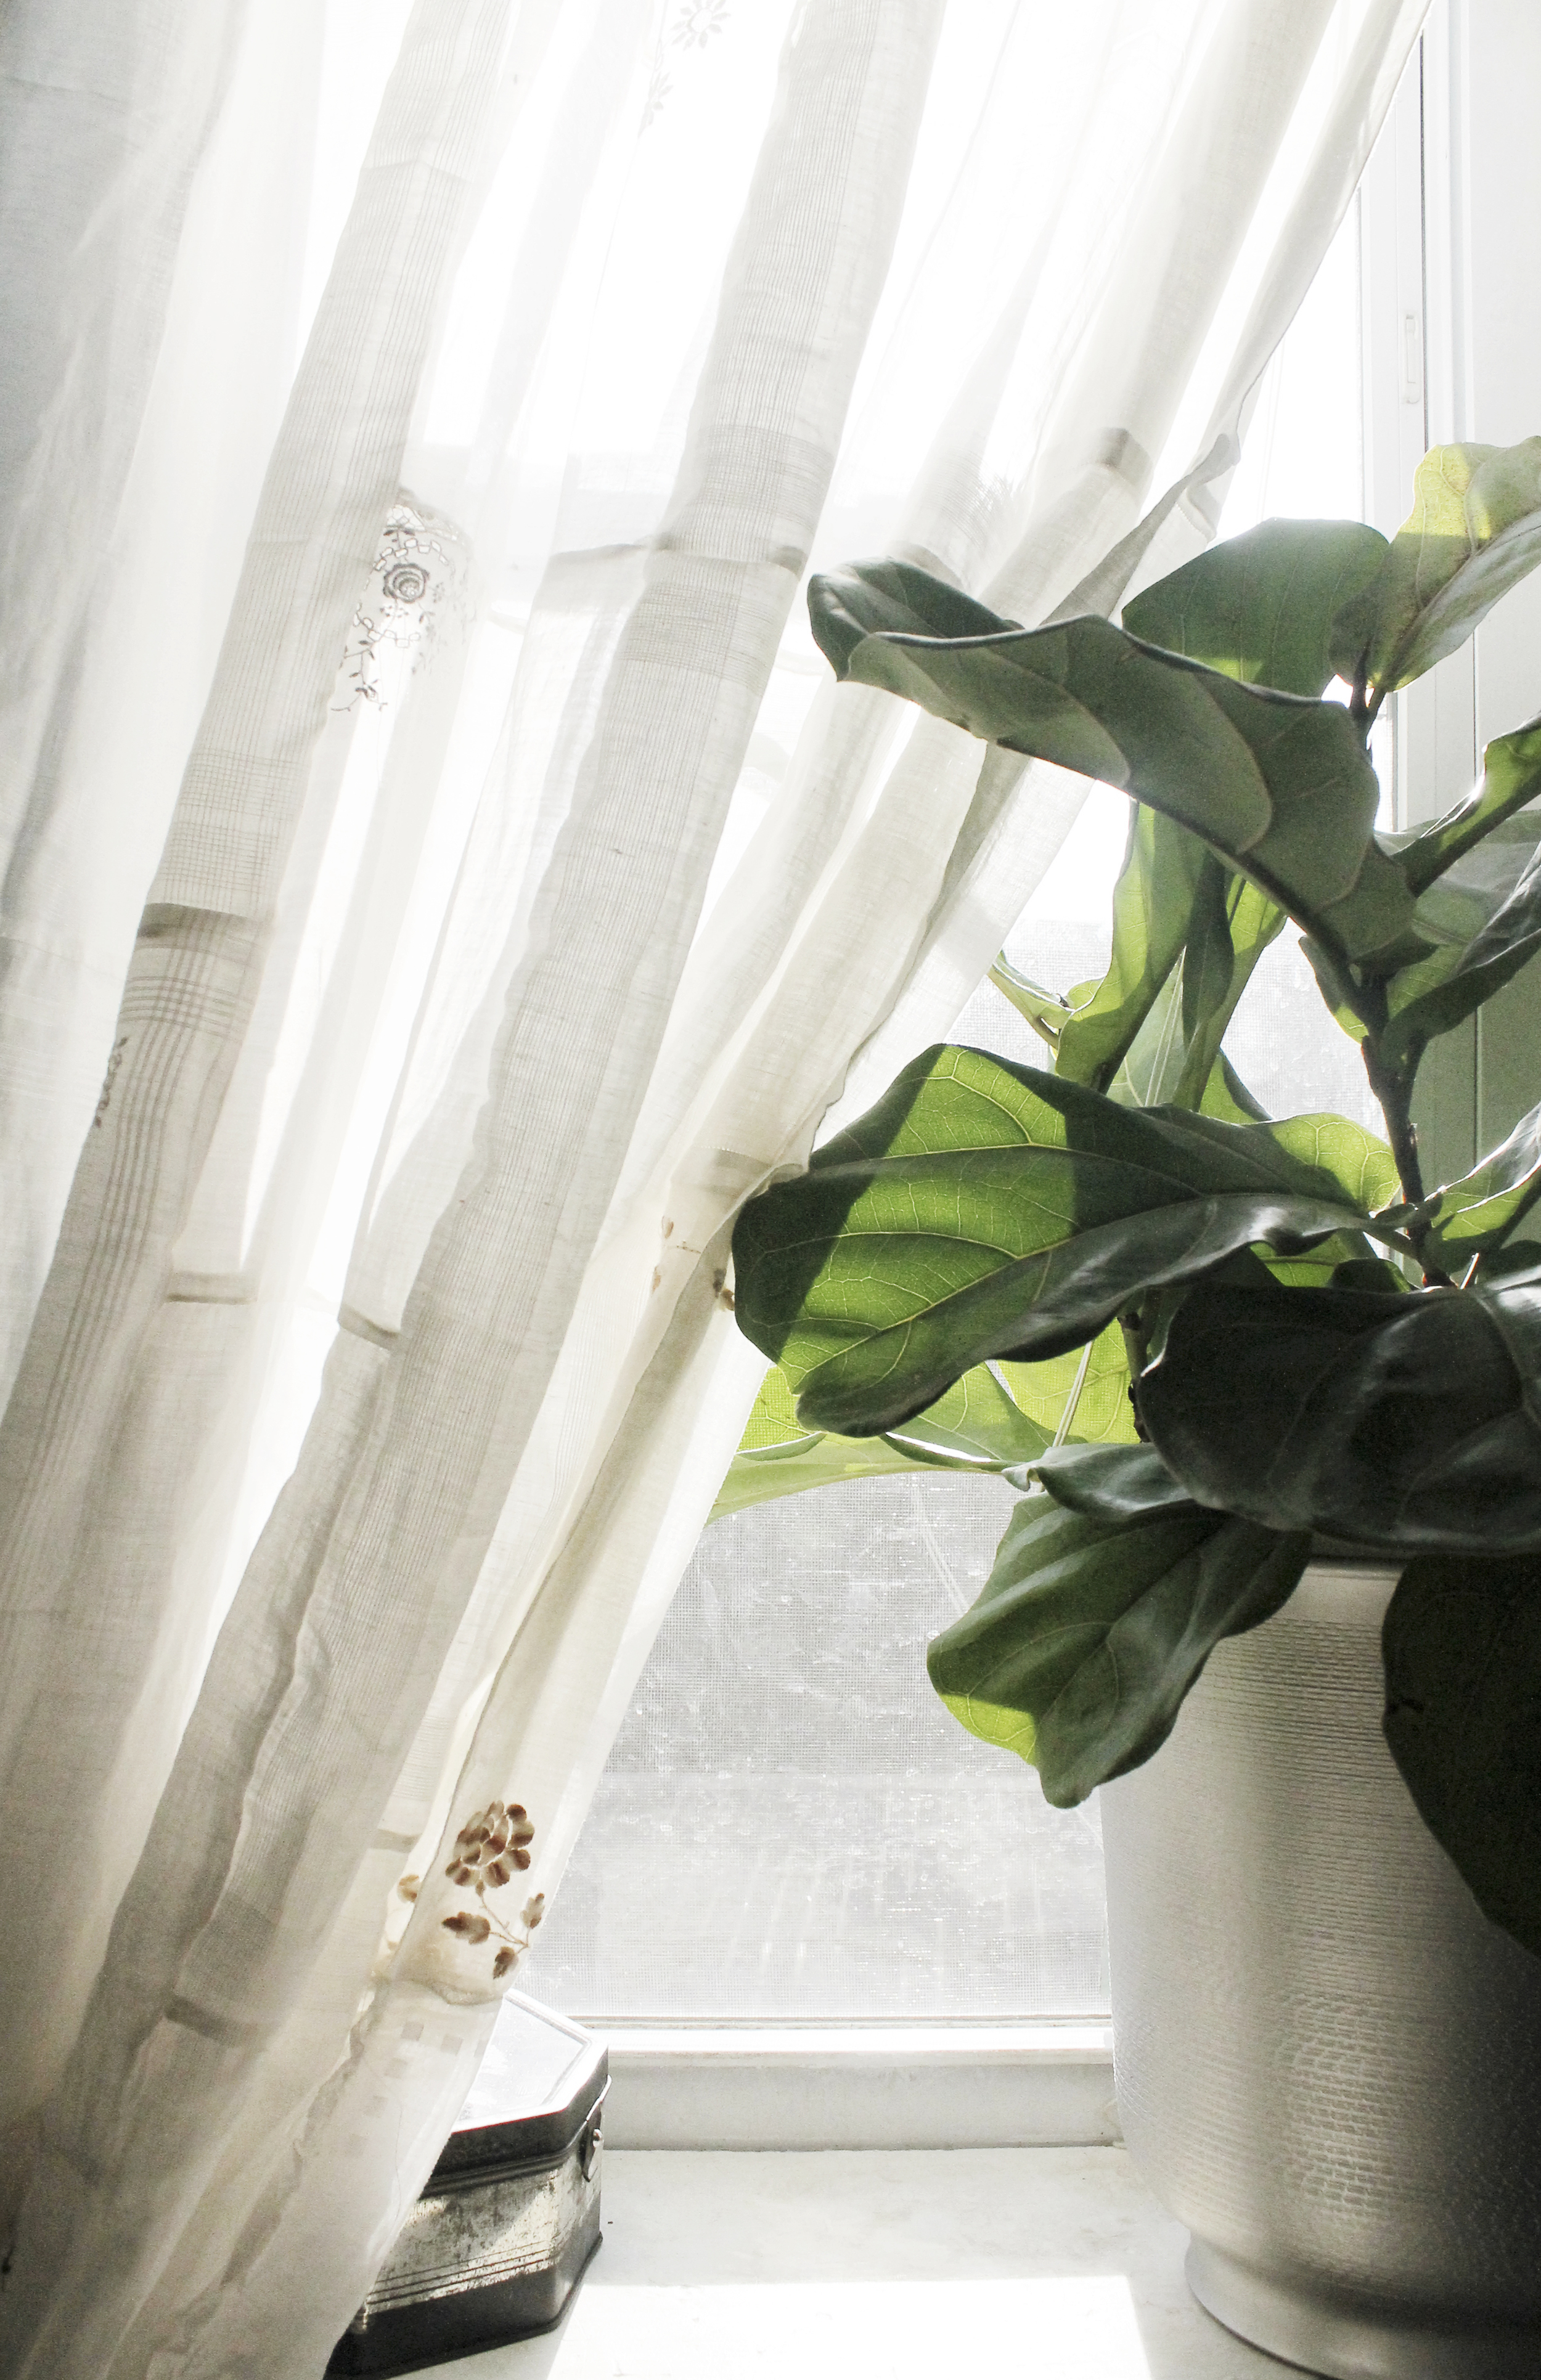 houseplants on windowsills